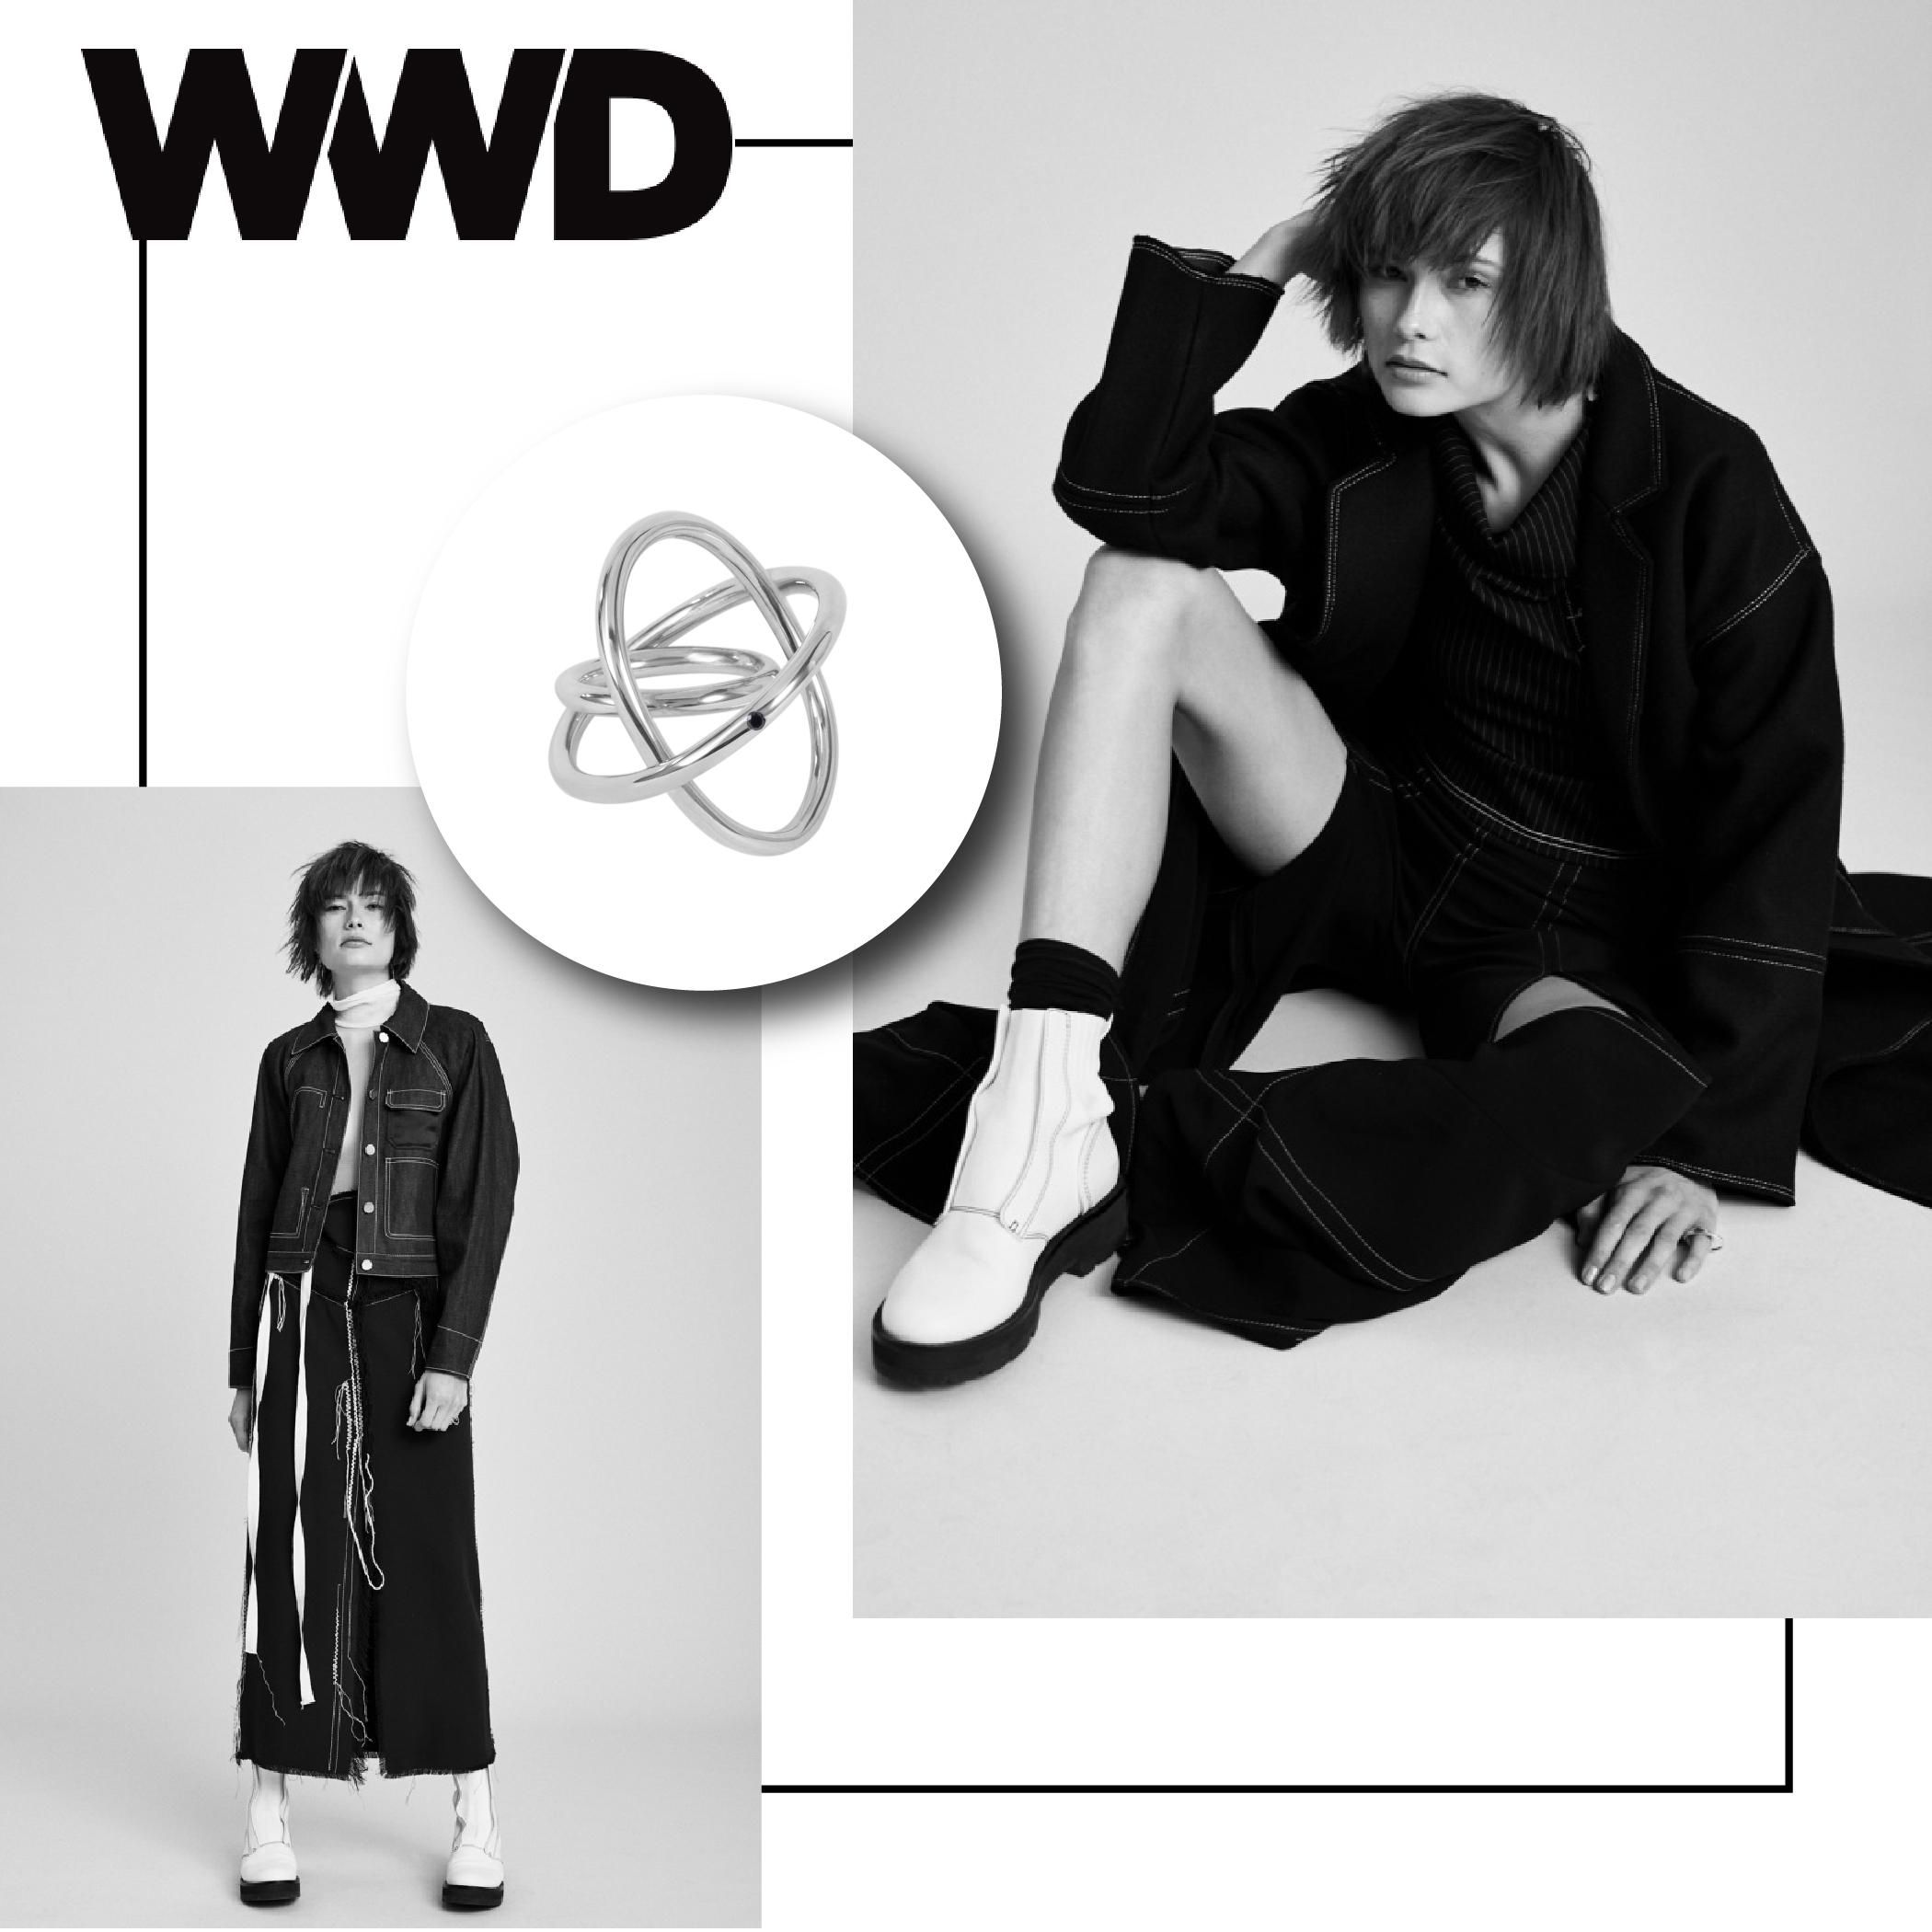 WWD | October 2017 | Gala Is Love |